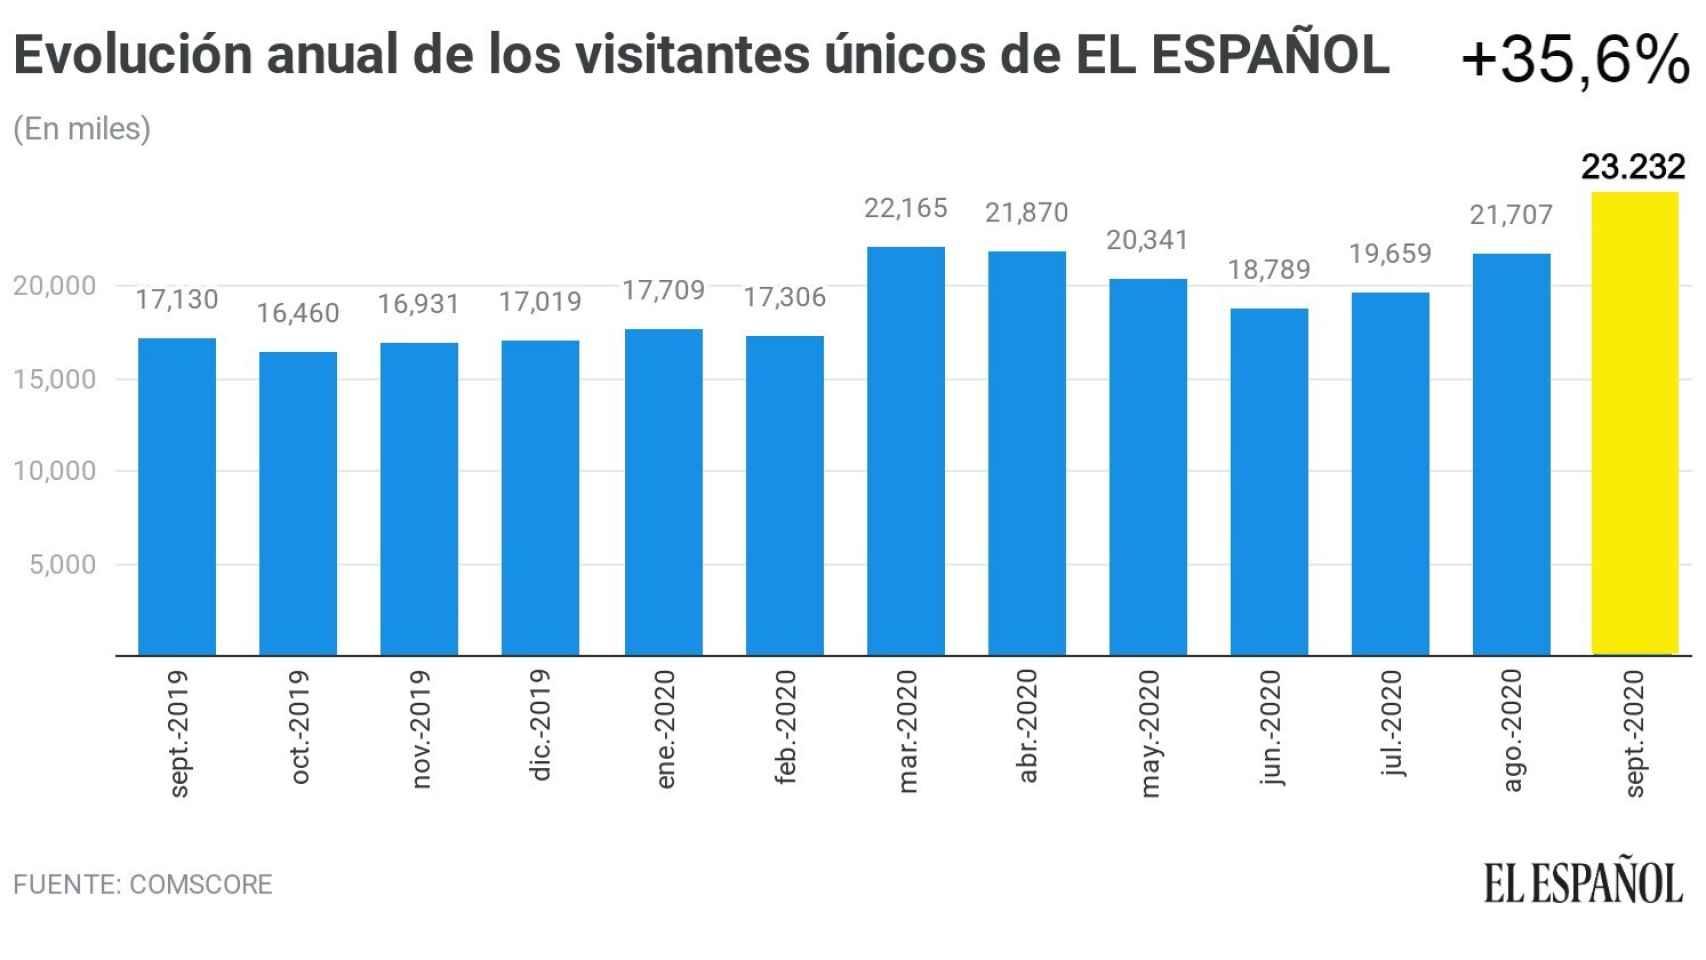 El Español logra su récord con 23,3 millones de usuarios: supera a El País y ABC y se queda a un 5% de El Mundo